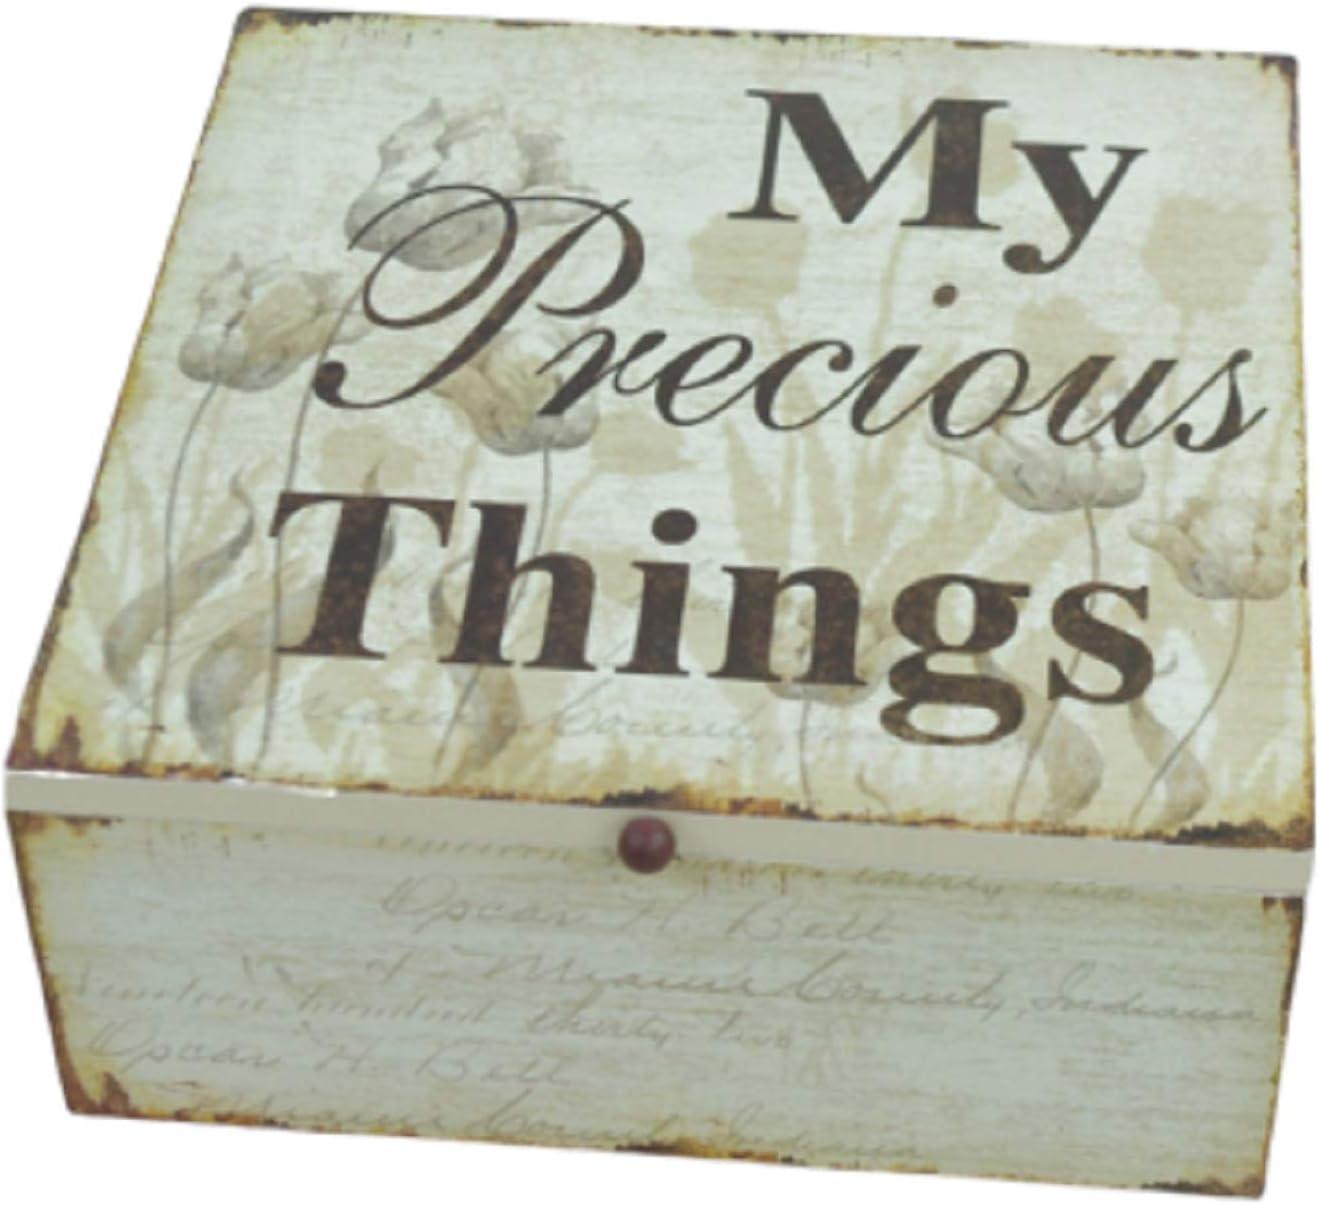 Caja de recuerdos de la amistad de My Precious Things sg1945: Amazon.es: Bricolaje y herramientas